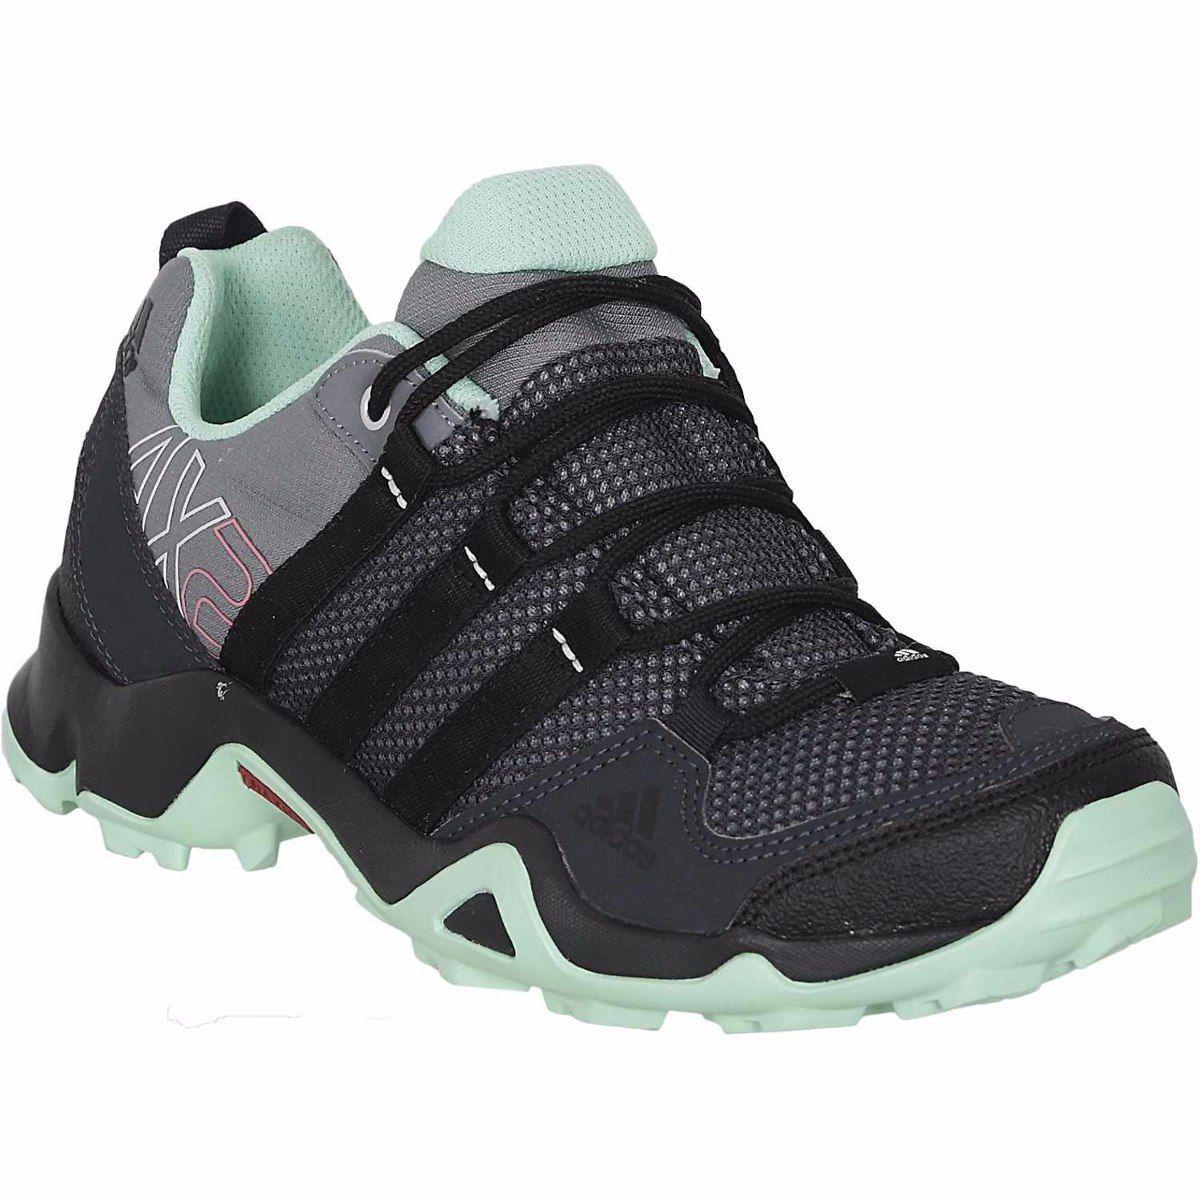 huge discount 24632 d82b4 Zapatillas Mujer, Zapatos, Verde, Negro, Moda Deportiva, Mujeres, Plantilla,